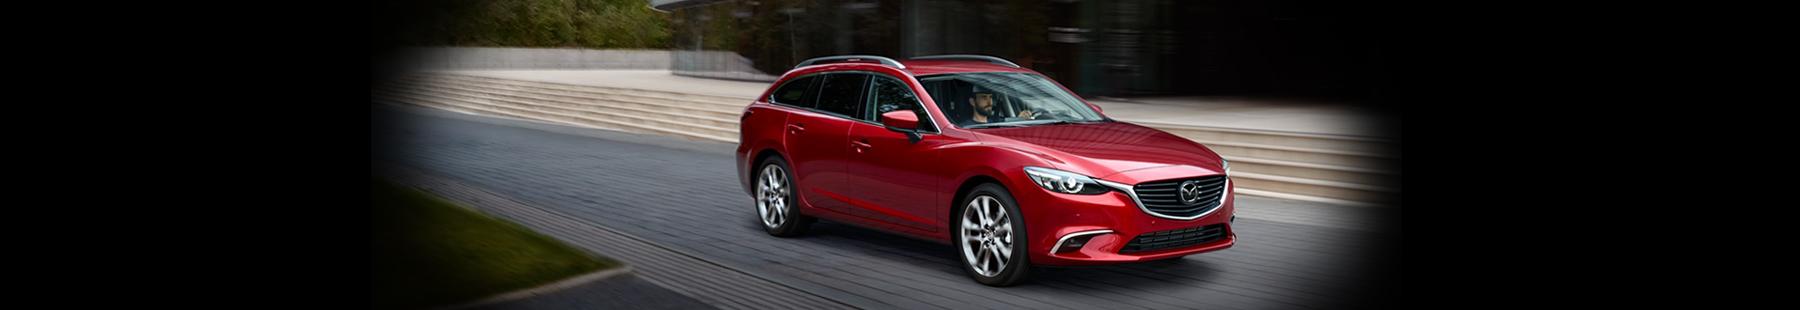 Nuova Mazda 6 SW